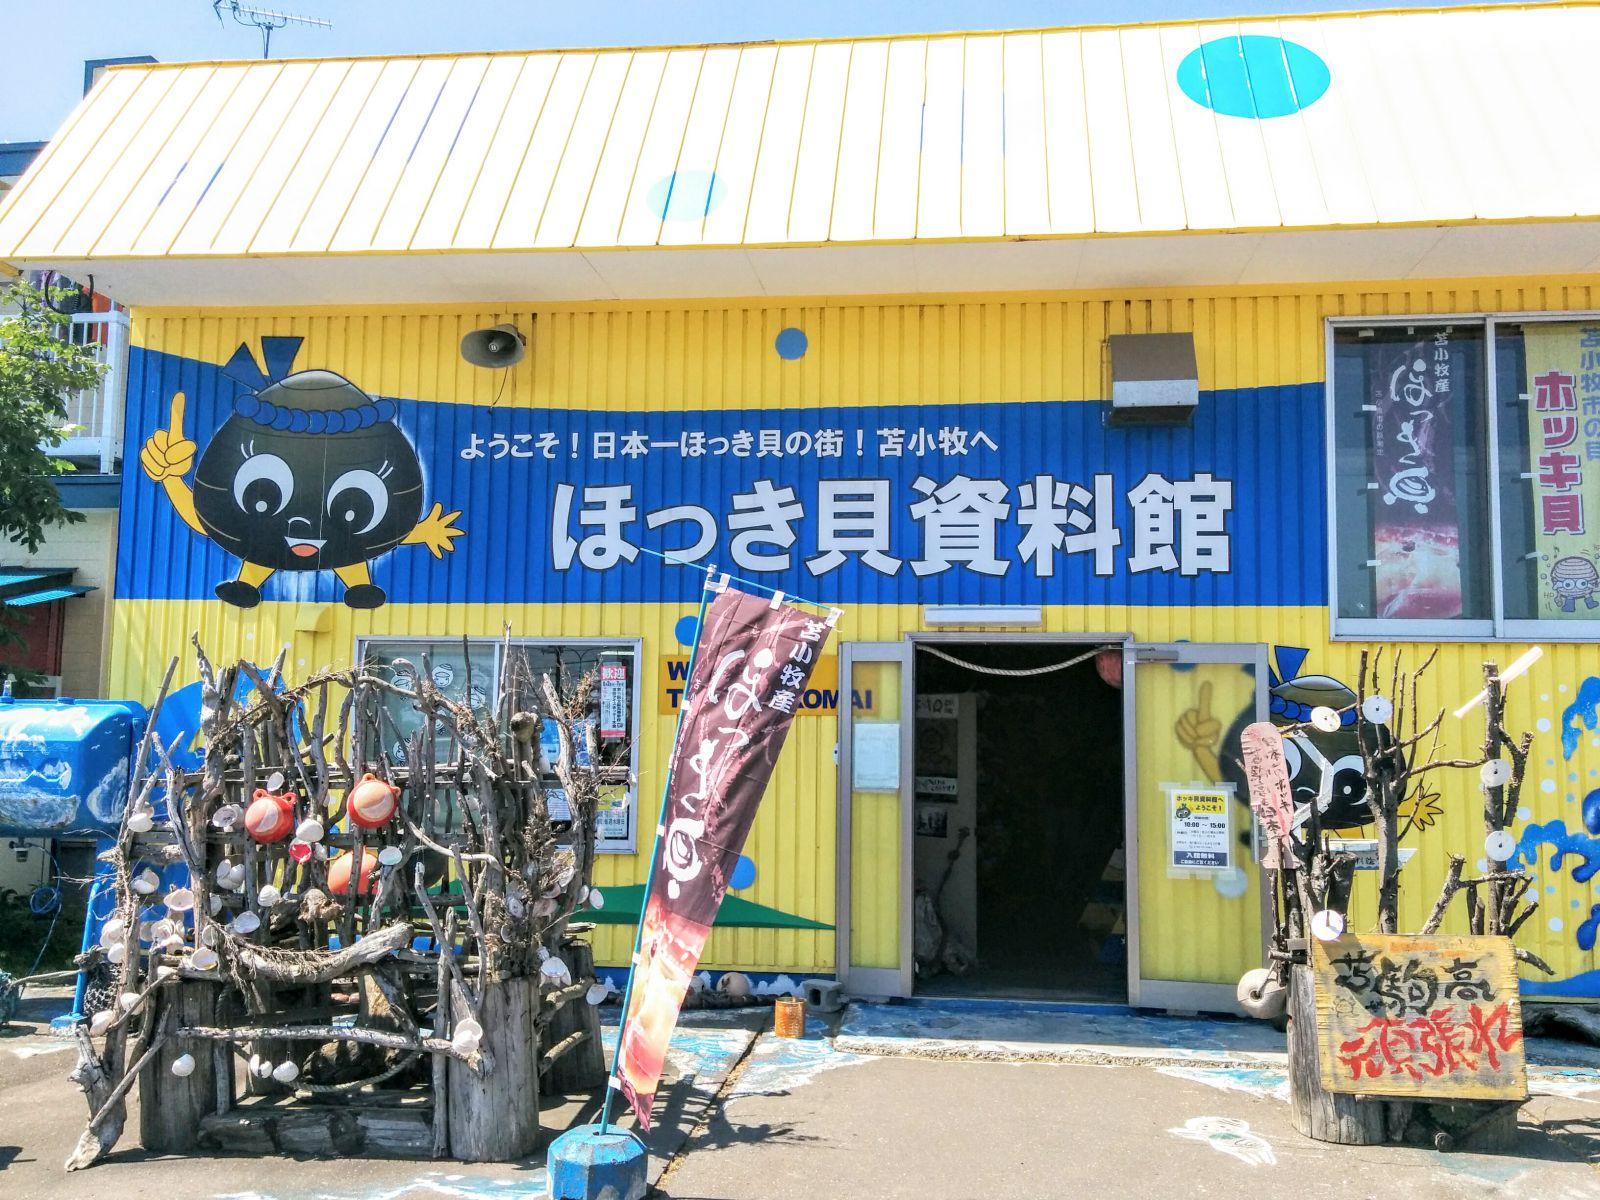 【苫小牧市】ほっき貝資料館観光案内です。